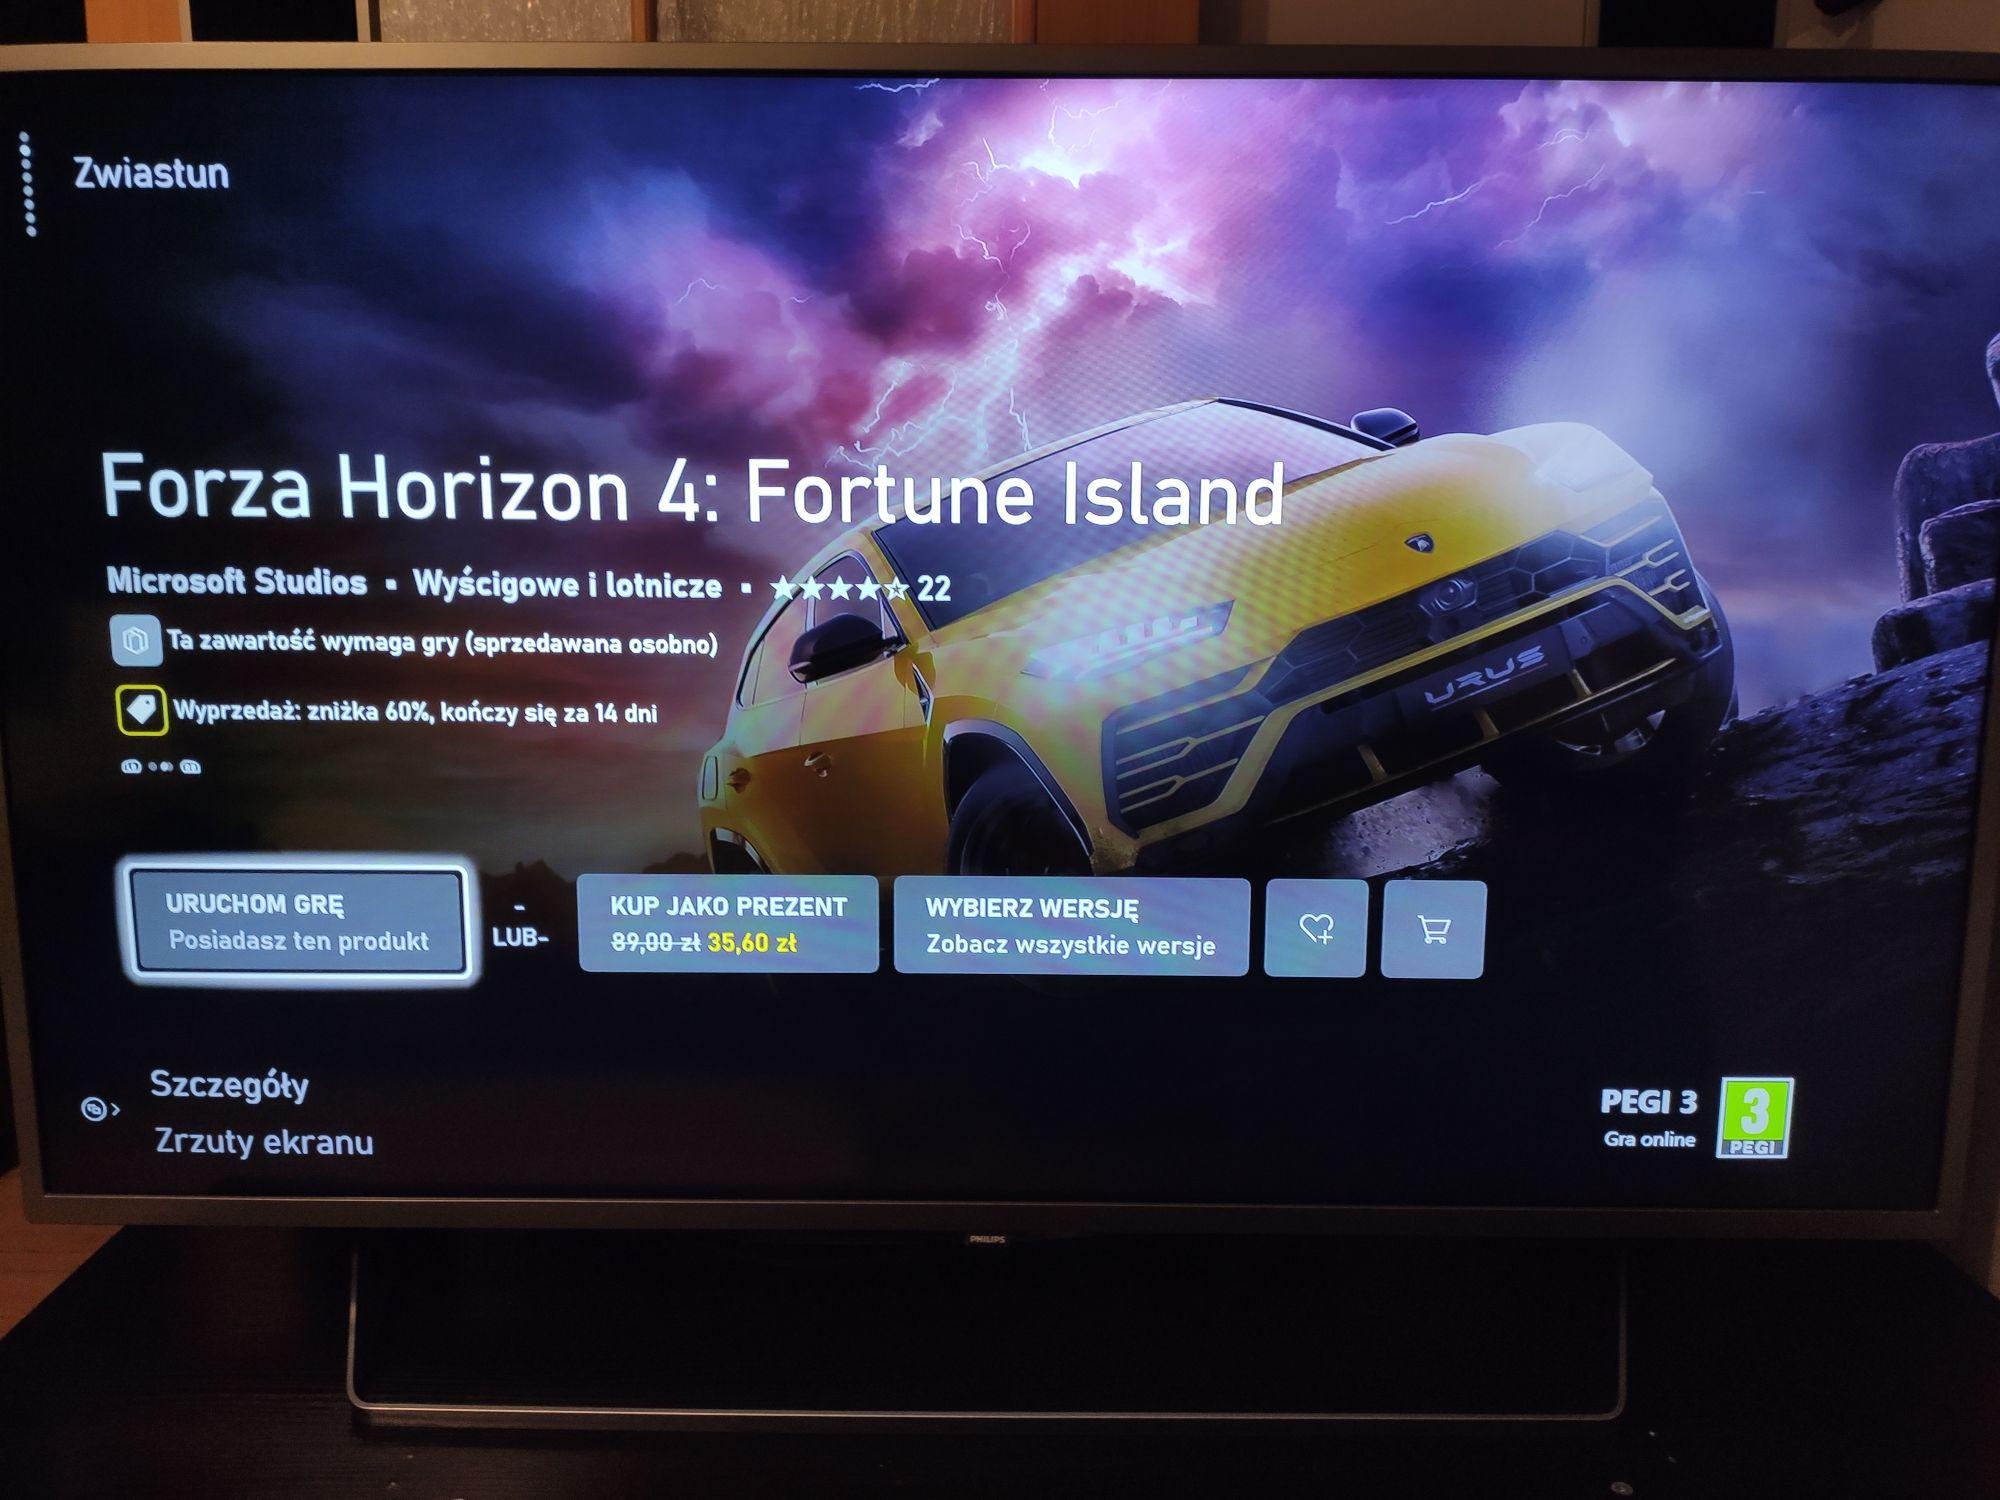 Forza Horizon 4 - Fortune Island dodatek